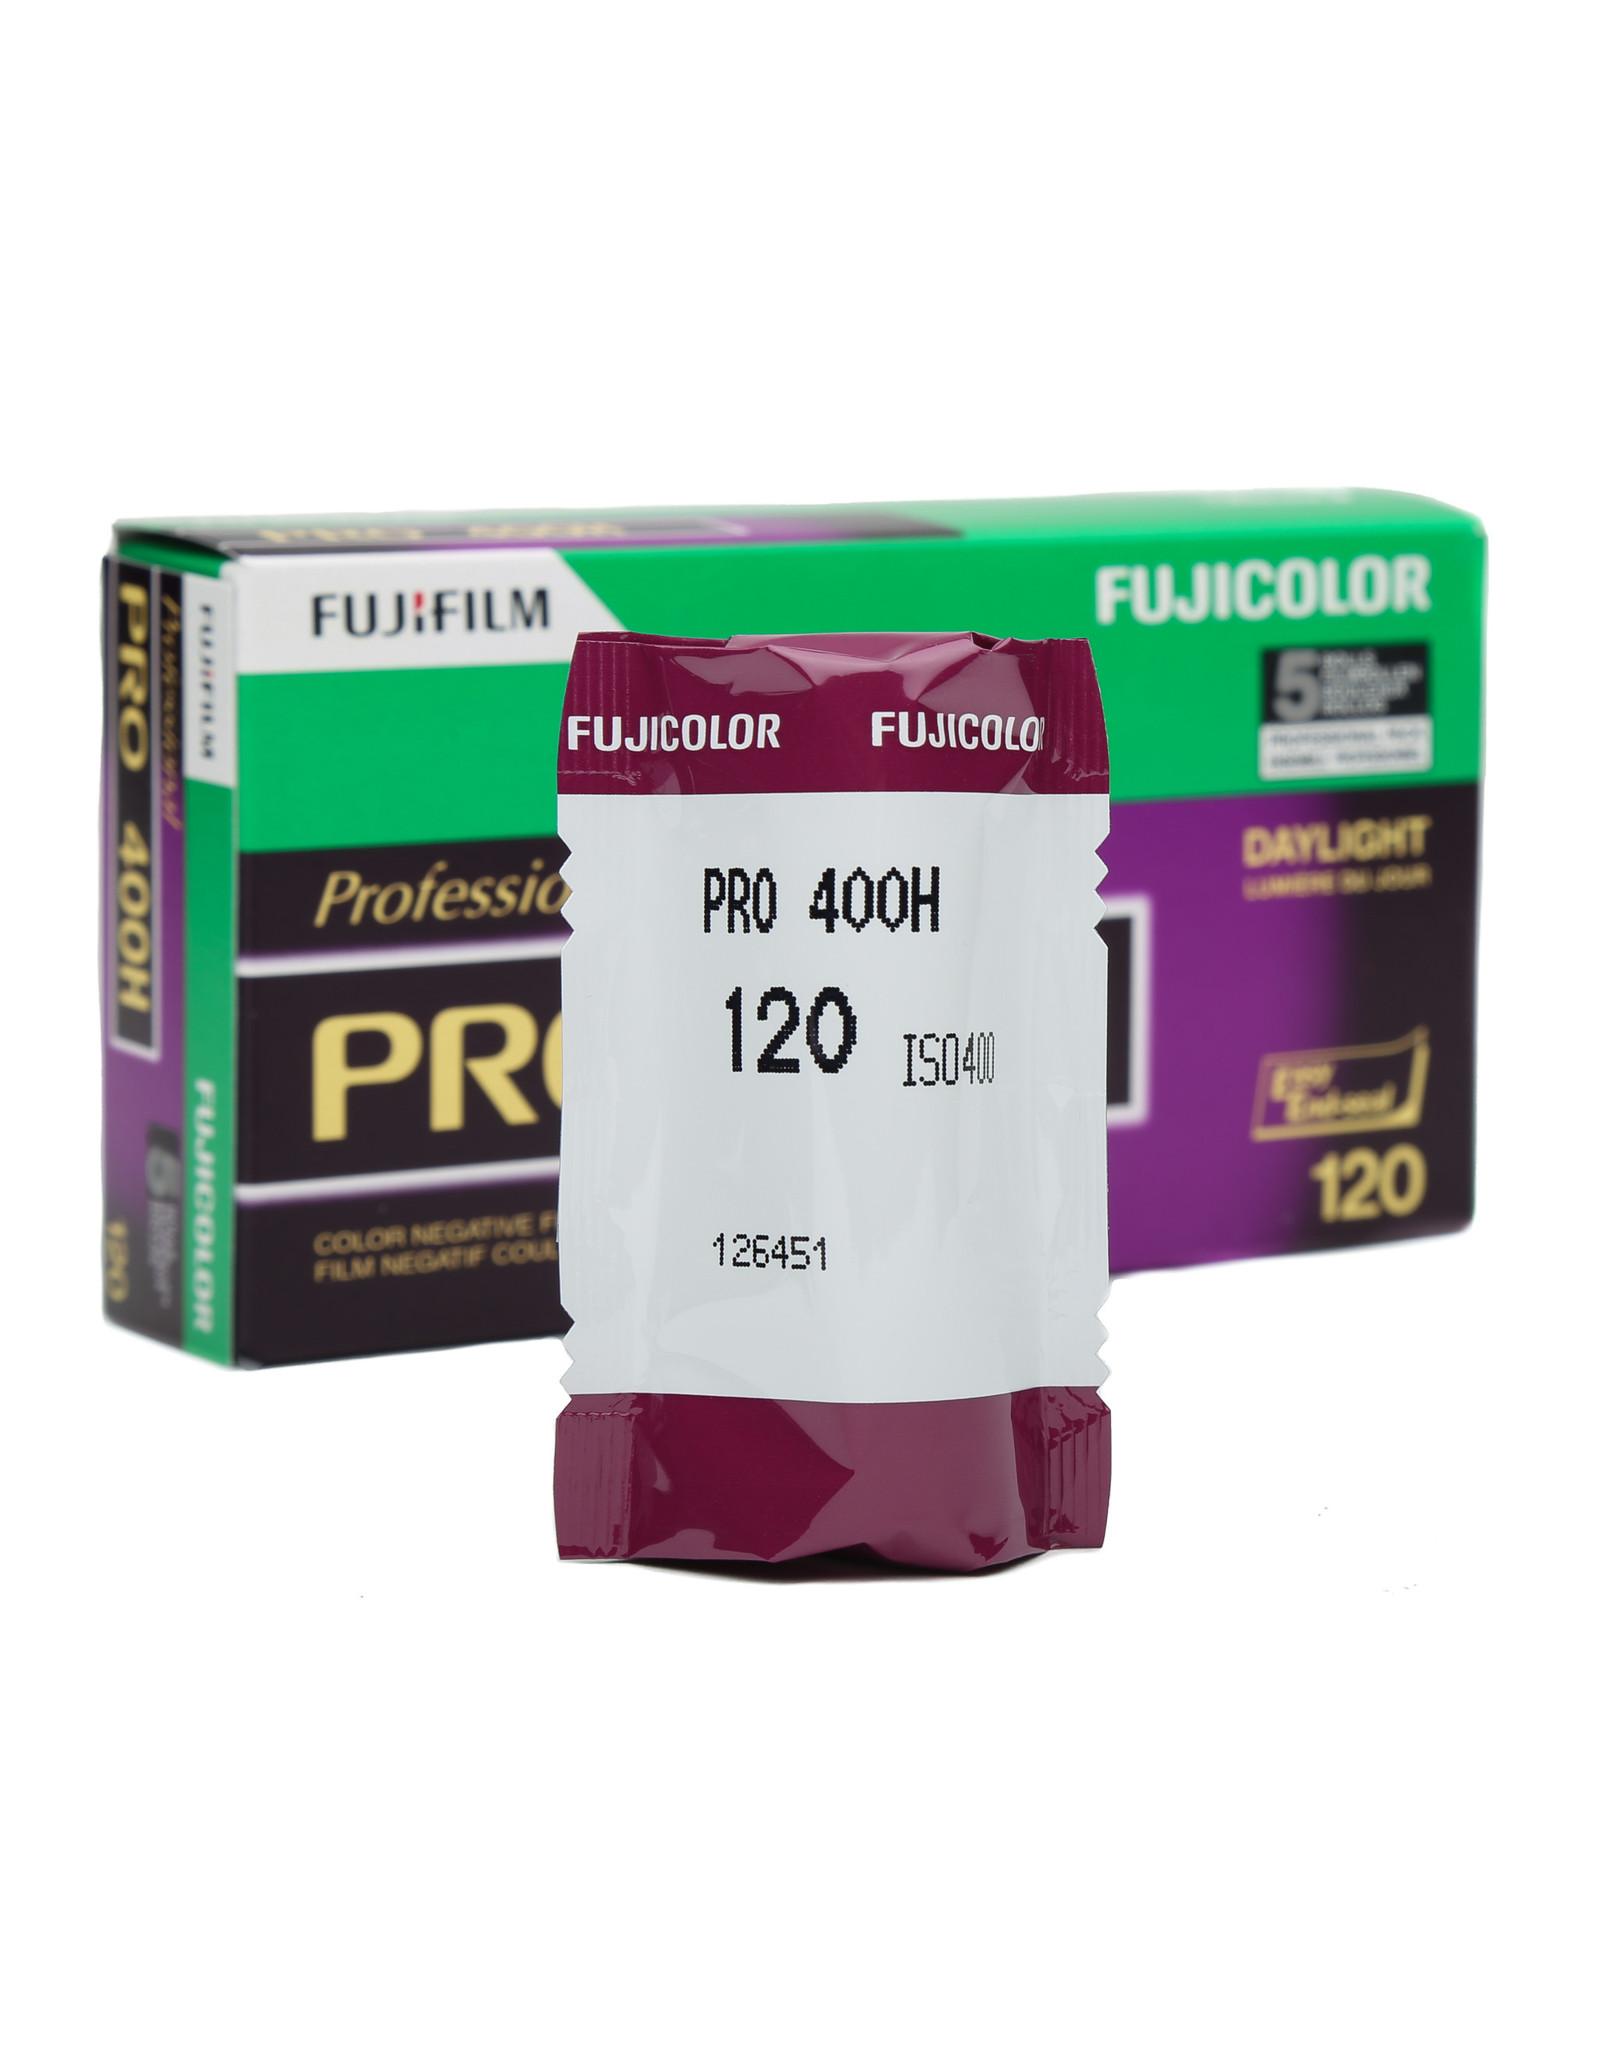 Fuji Fujifilm Pro 400H 120 Fujicolor color negative film